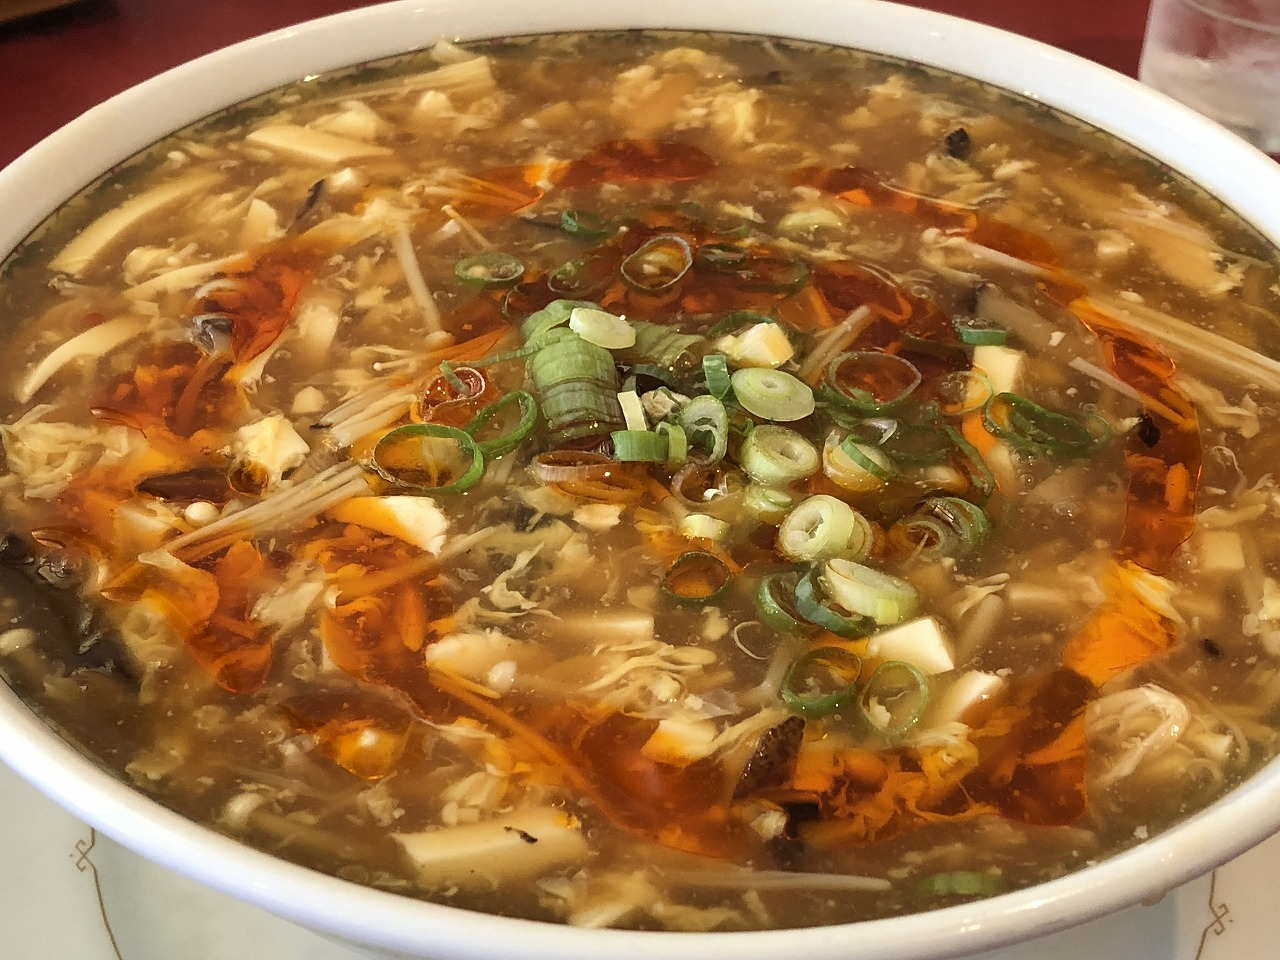 【尾山台グルメ】尾山台の中華料理屋「崋山」の酸辣湯麺(スーラータンメン)は超絶美味いよ